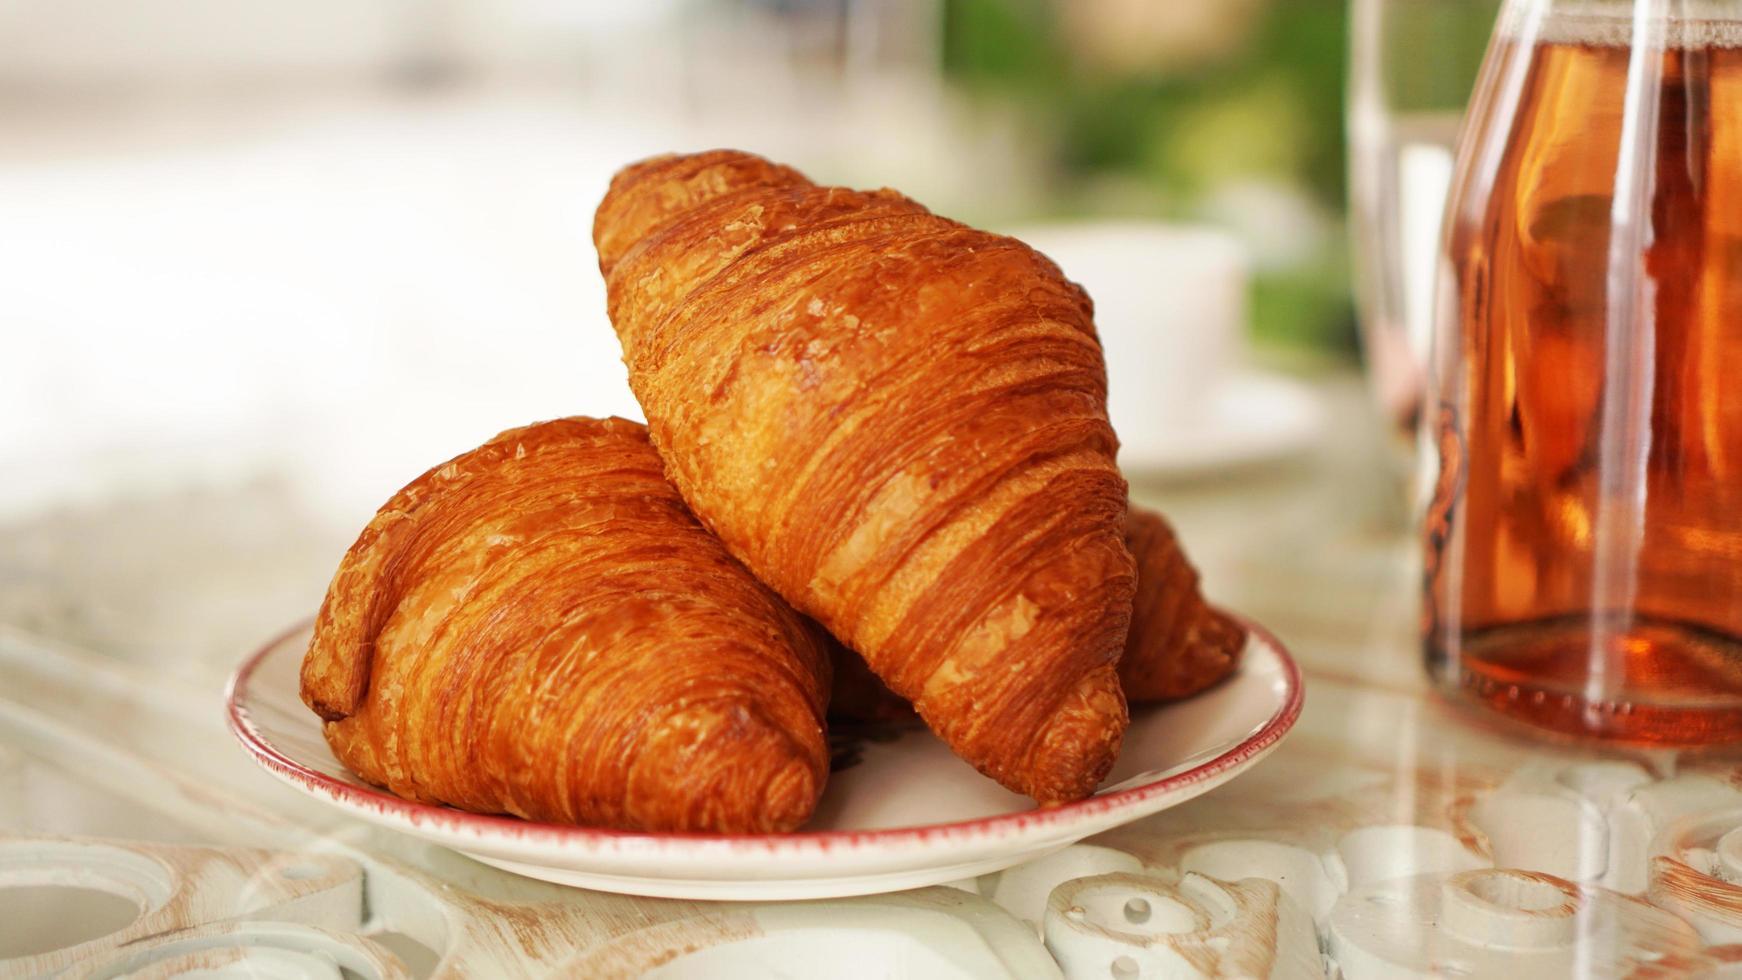 twee verse croissants op een bord op een glazen tafel. ontbijt concept foto